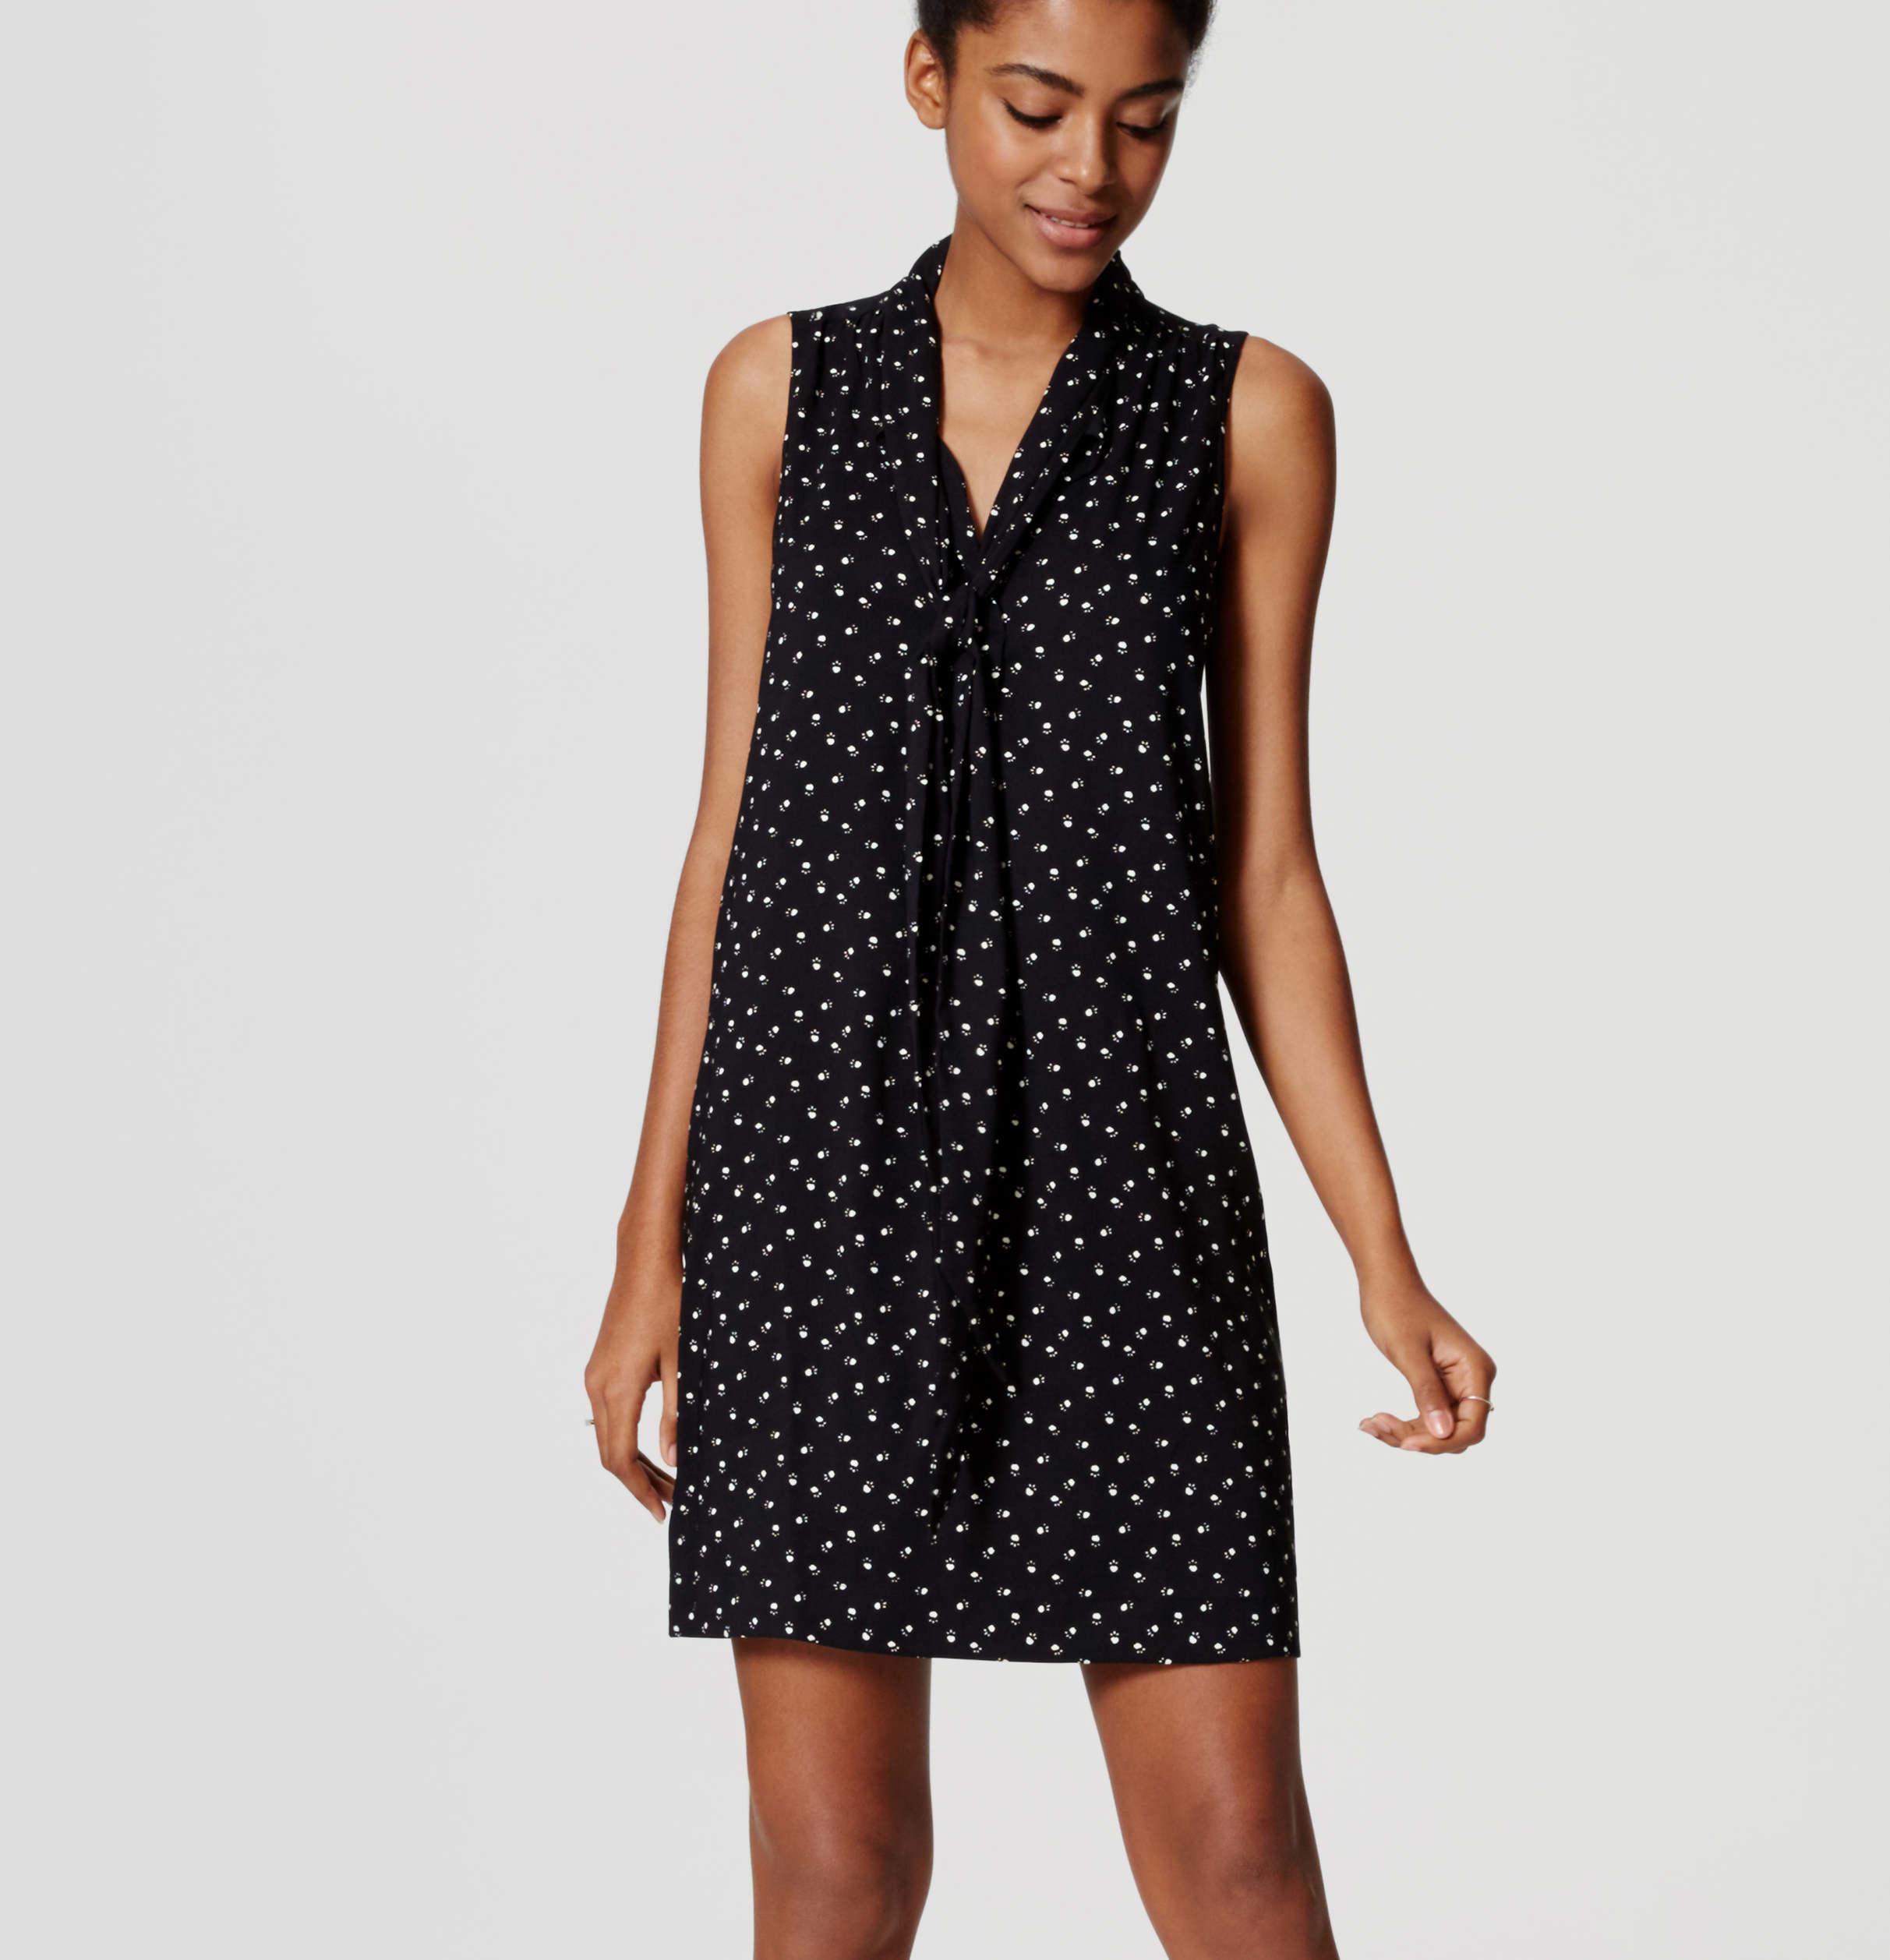 Paw Dress